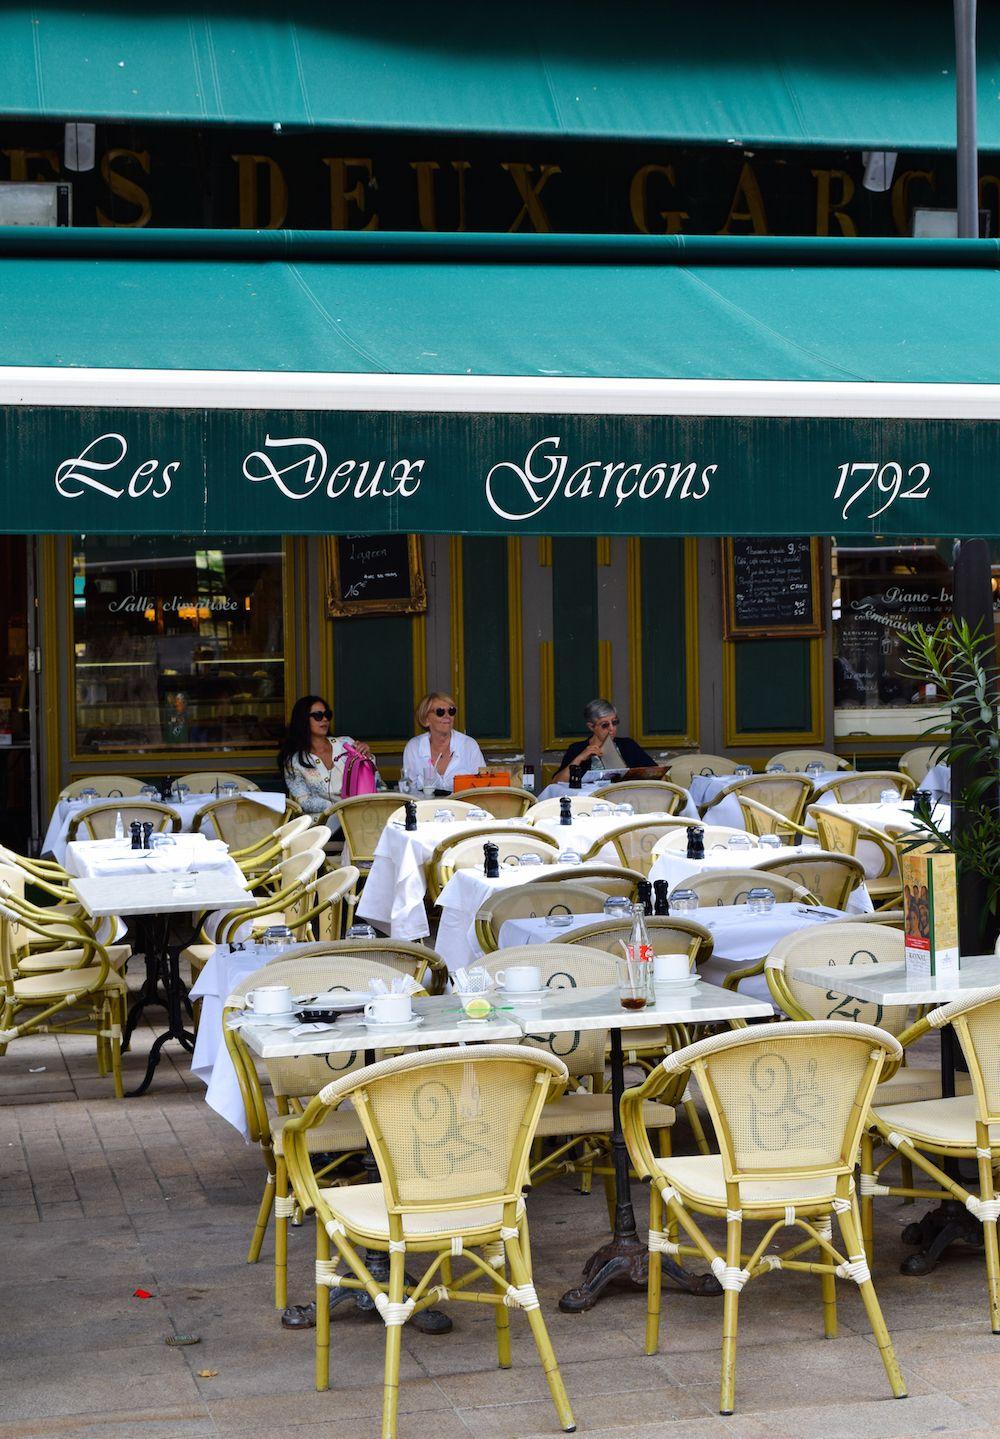 Les Deux Garçons, Aix-en-Provence, France